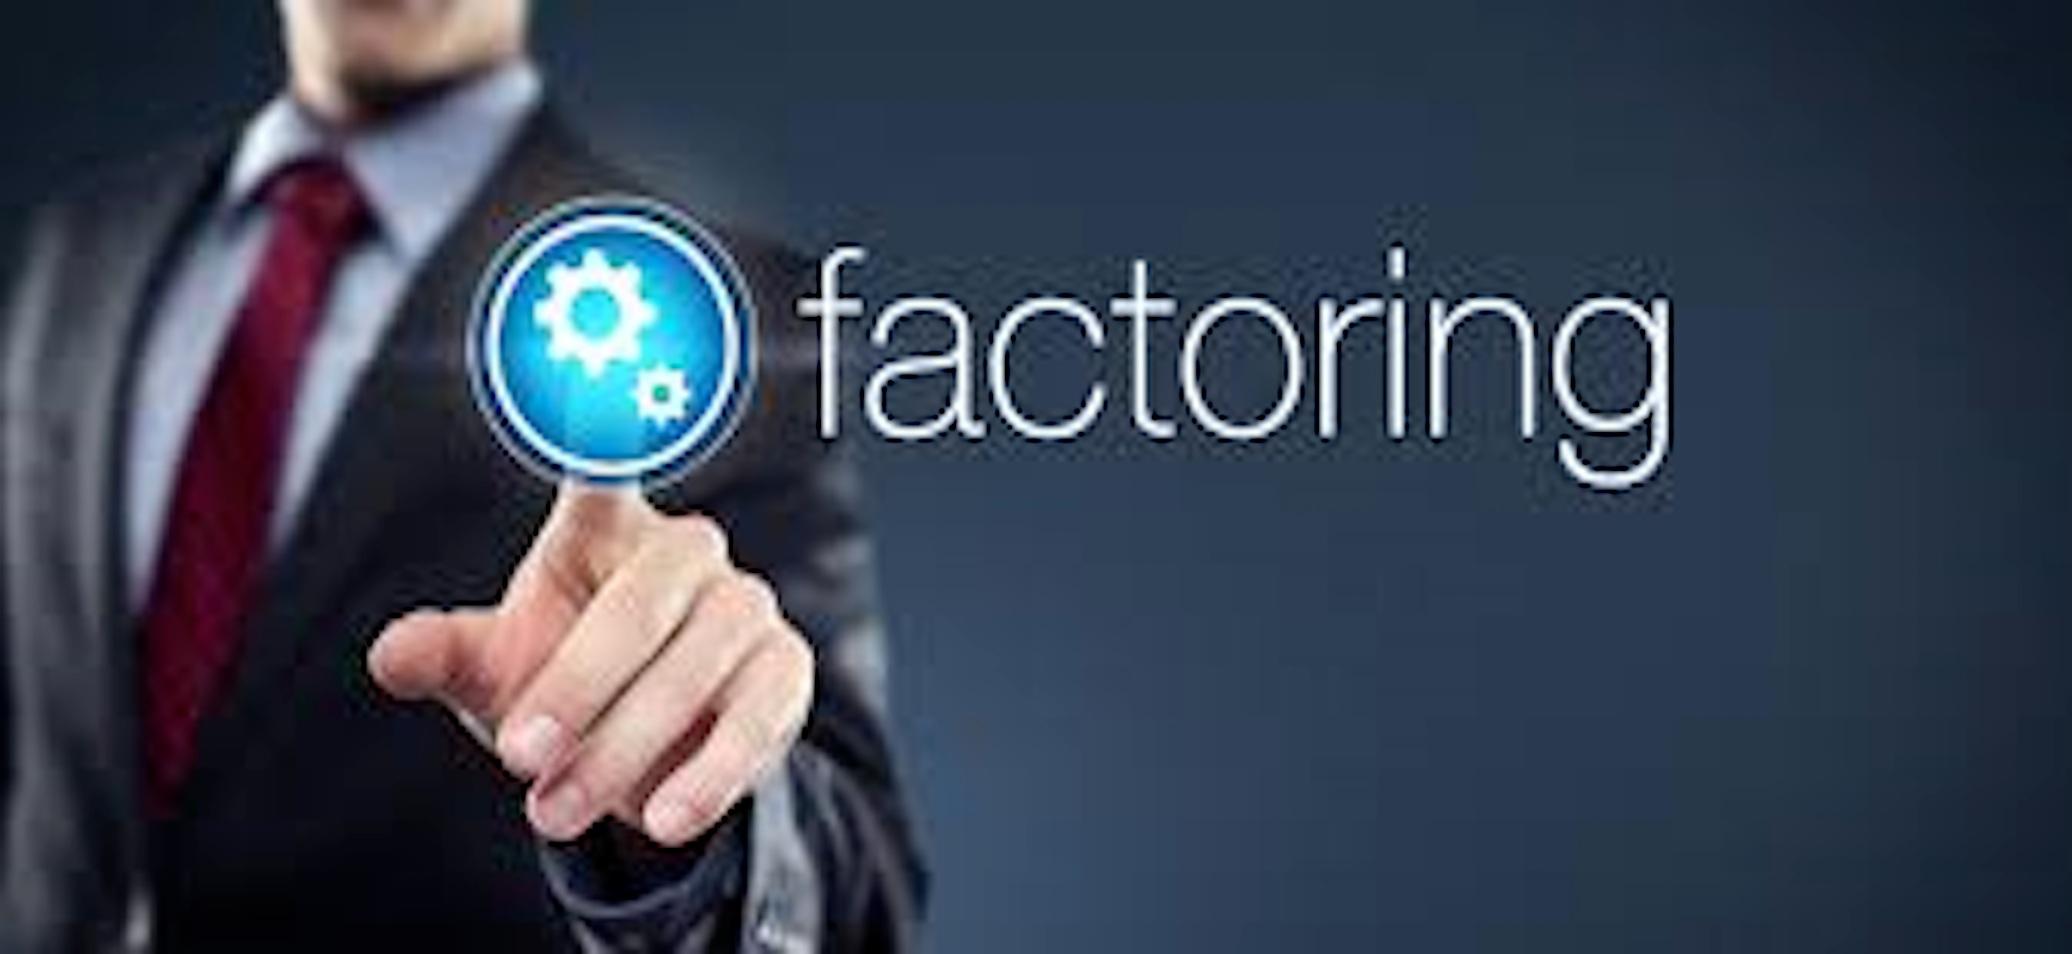 factoring+photo.jpg